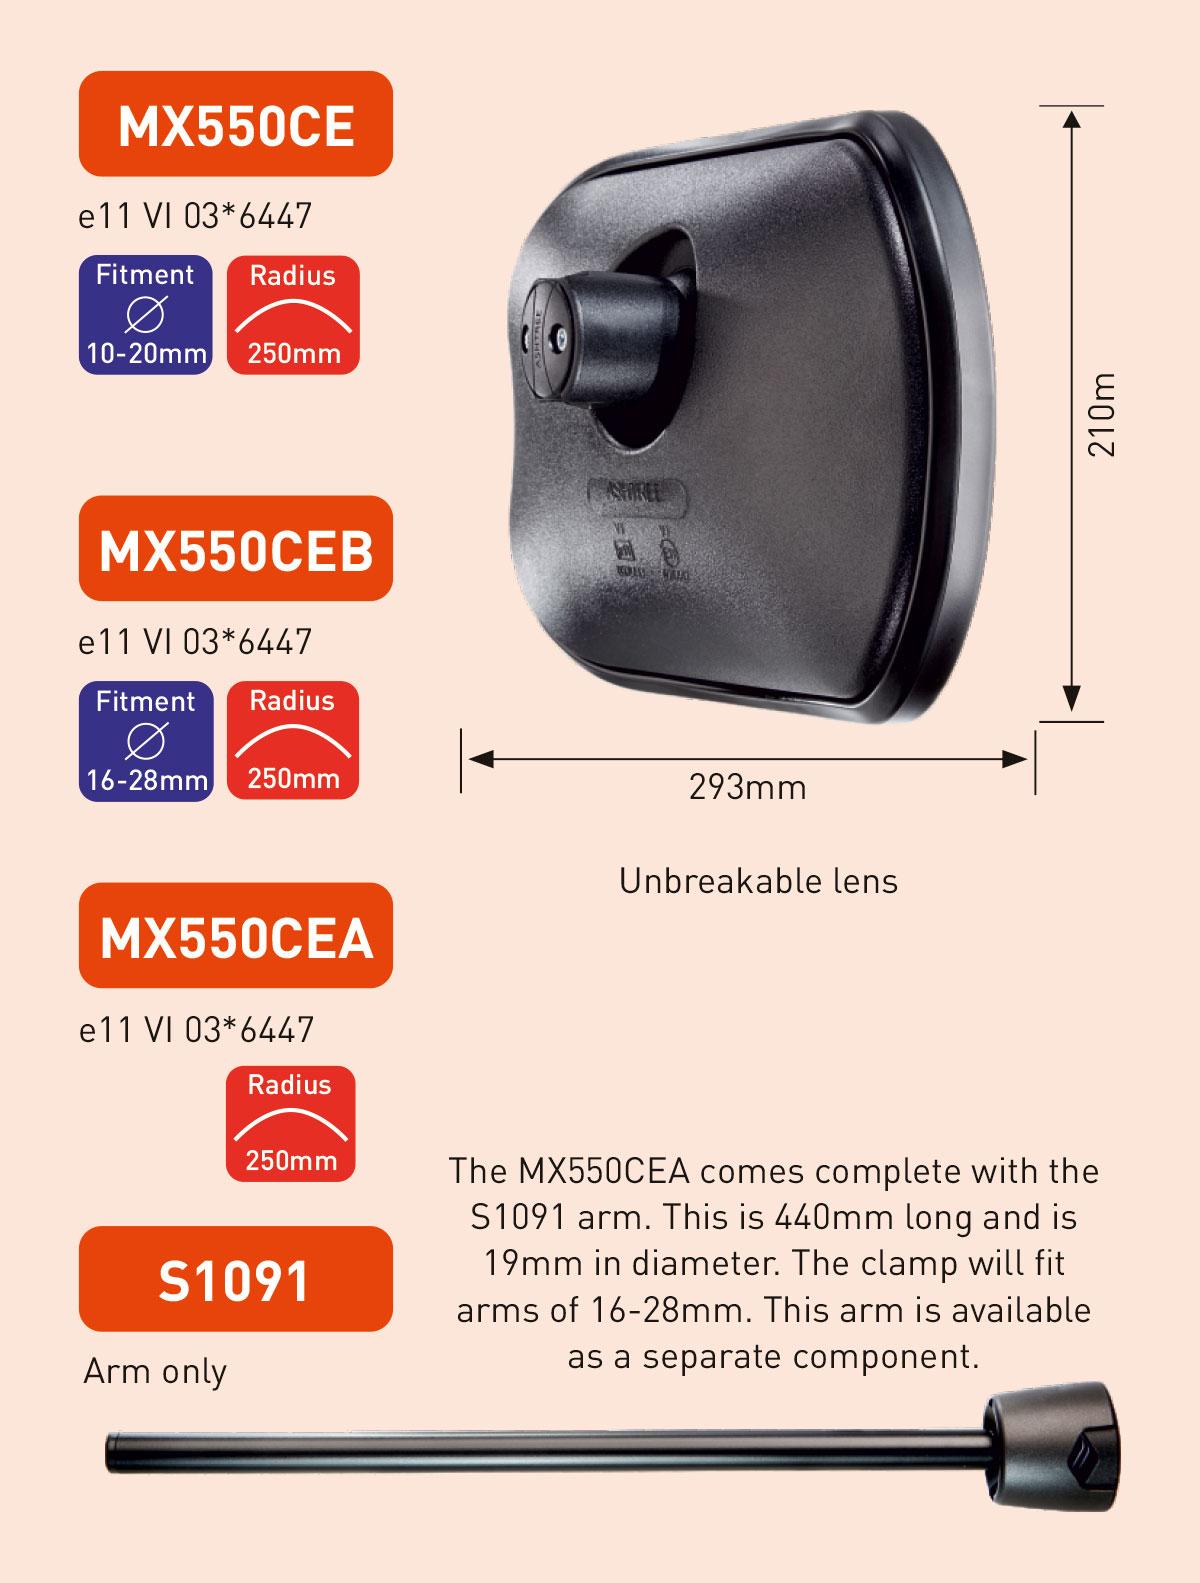 MX550CE MX550CEB MX550CEA S1091